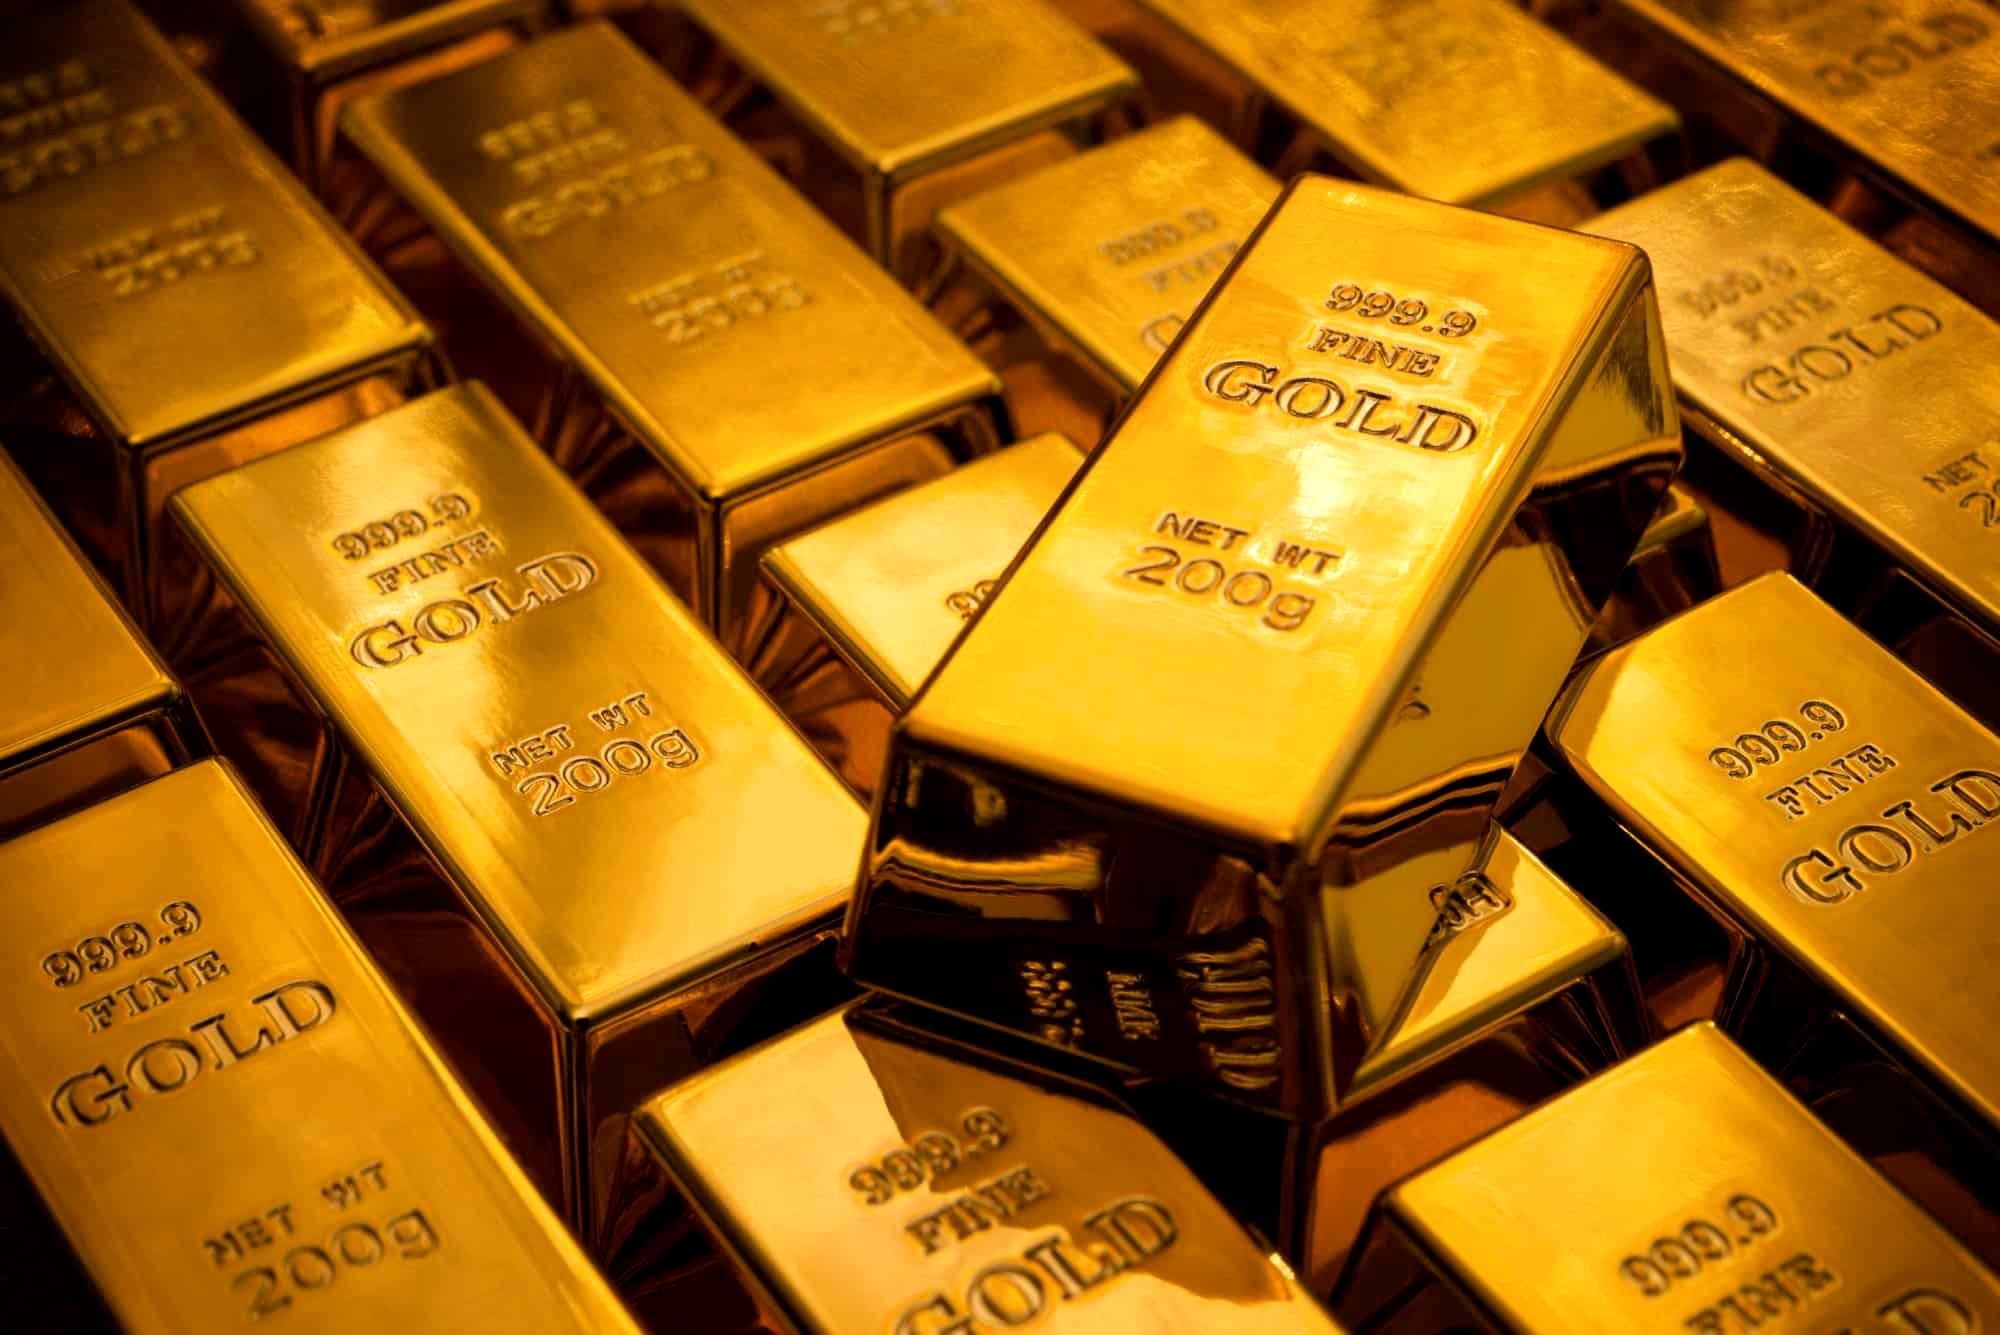 أسعار الذهب اليوم الاثنين 5 أكتوبر 2020